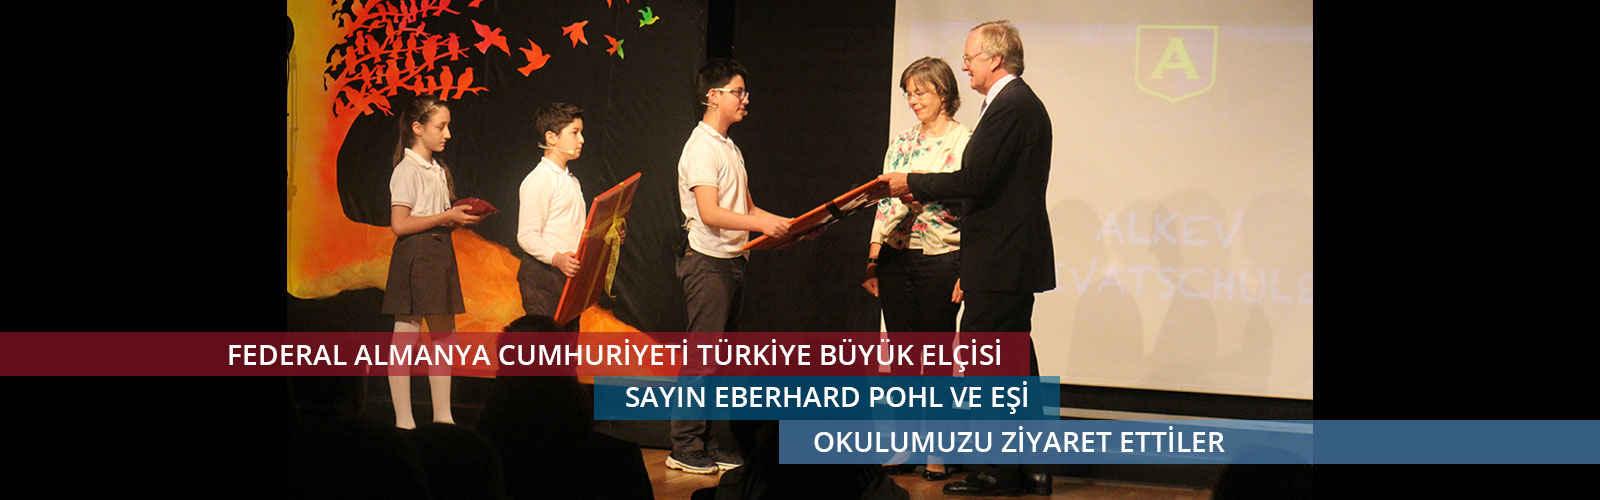 Almanya Cumhuriyeti Türkiye Büyük Elçisi Sayın Eberhard Pohl ve eşi okulumuzu ziyaret ettiler